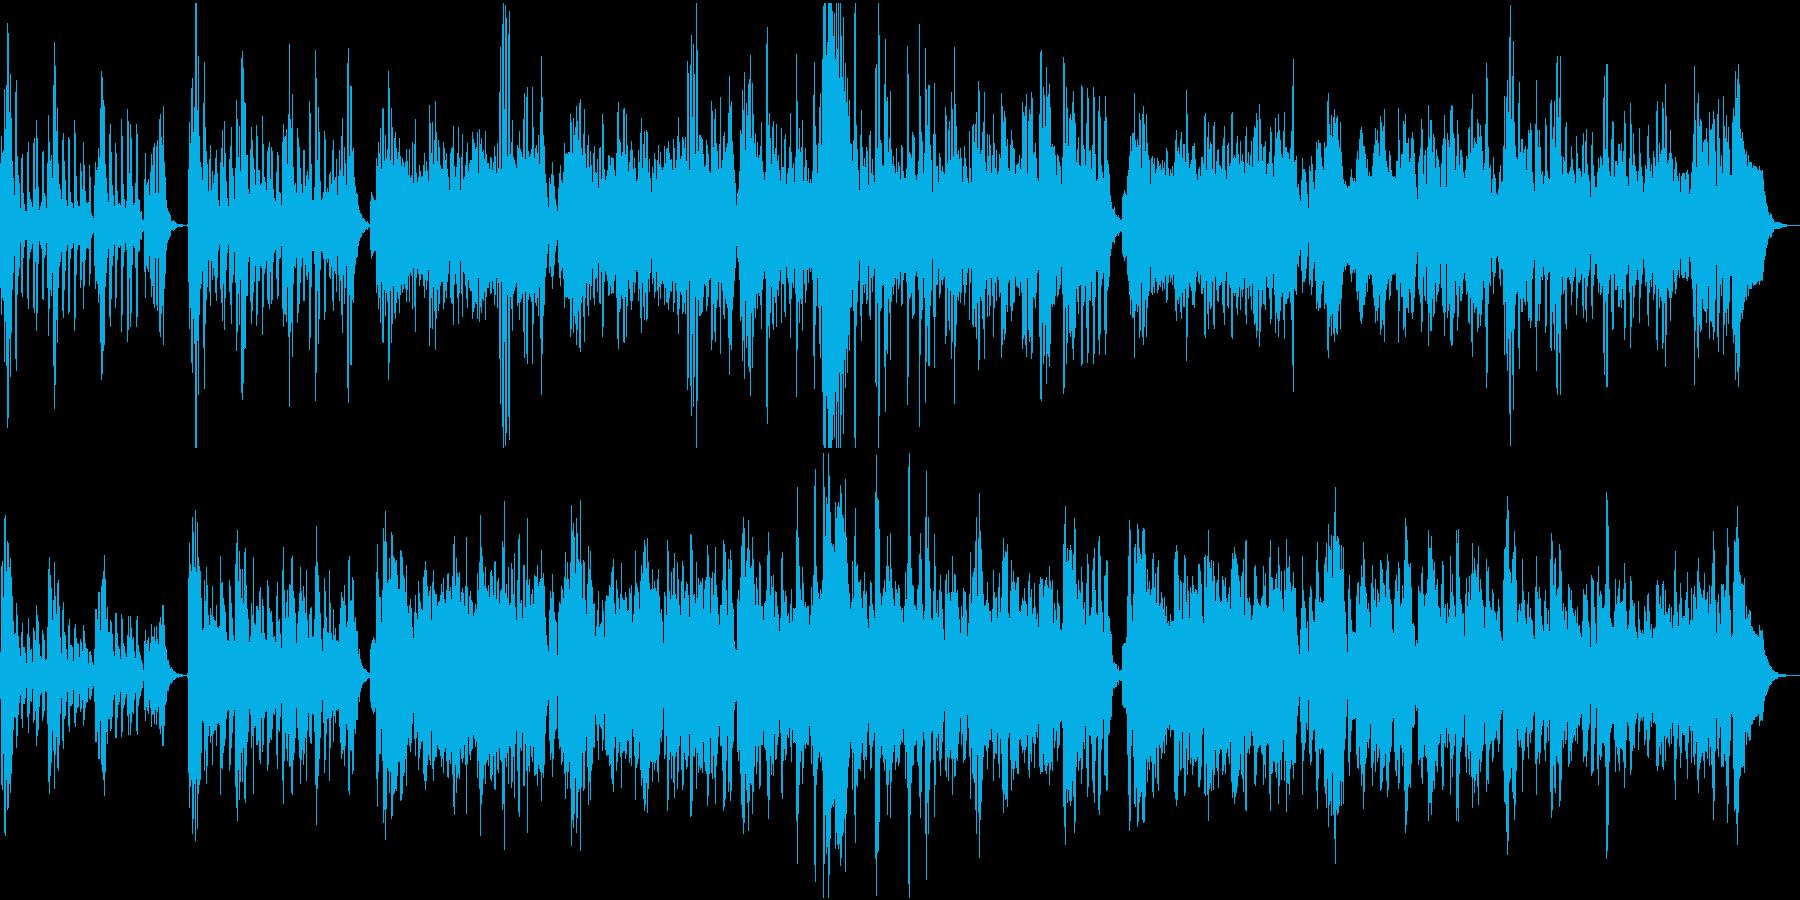 軽快で可愛らしい弦楽五重奏の再生済みの波形